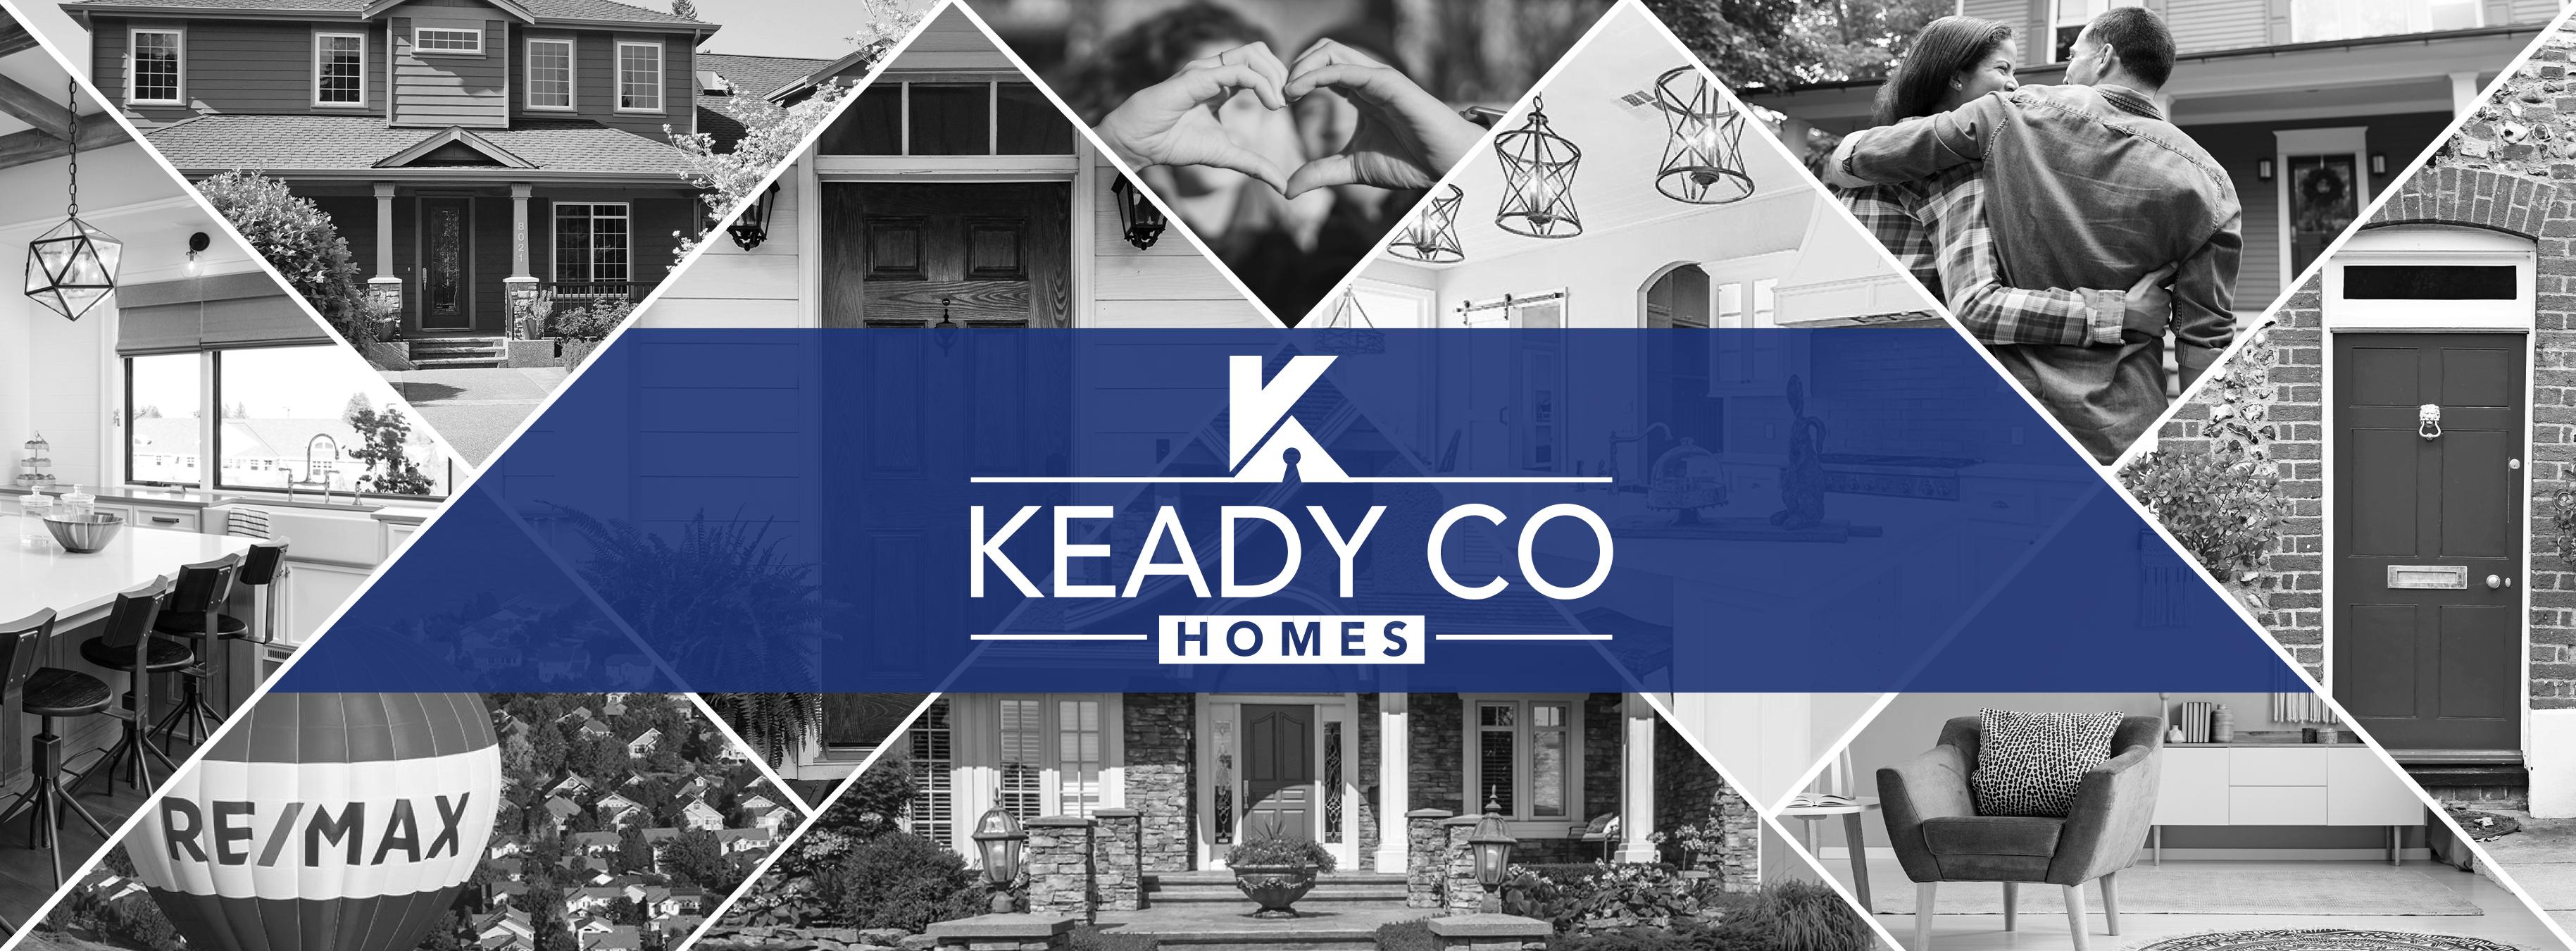 KEADY CO HOMES